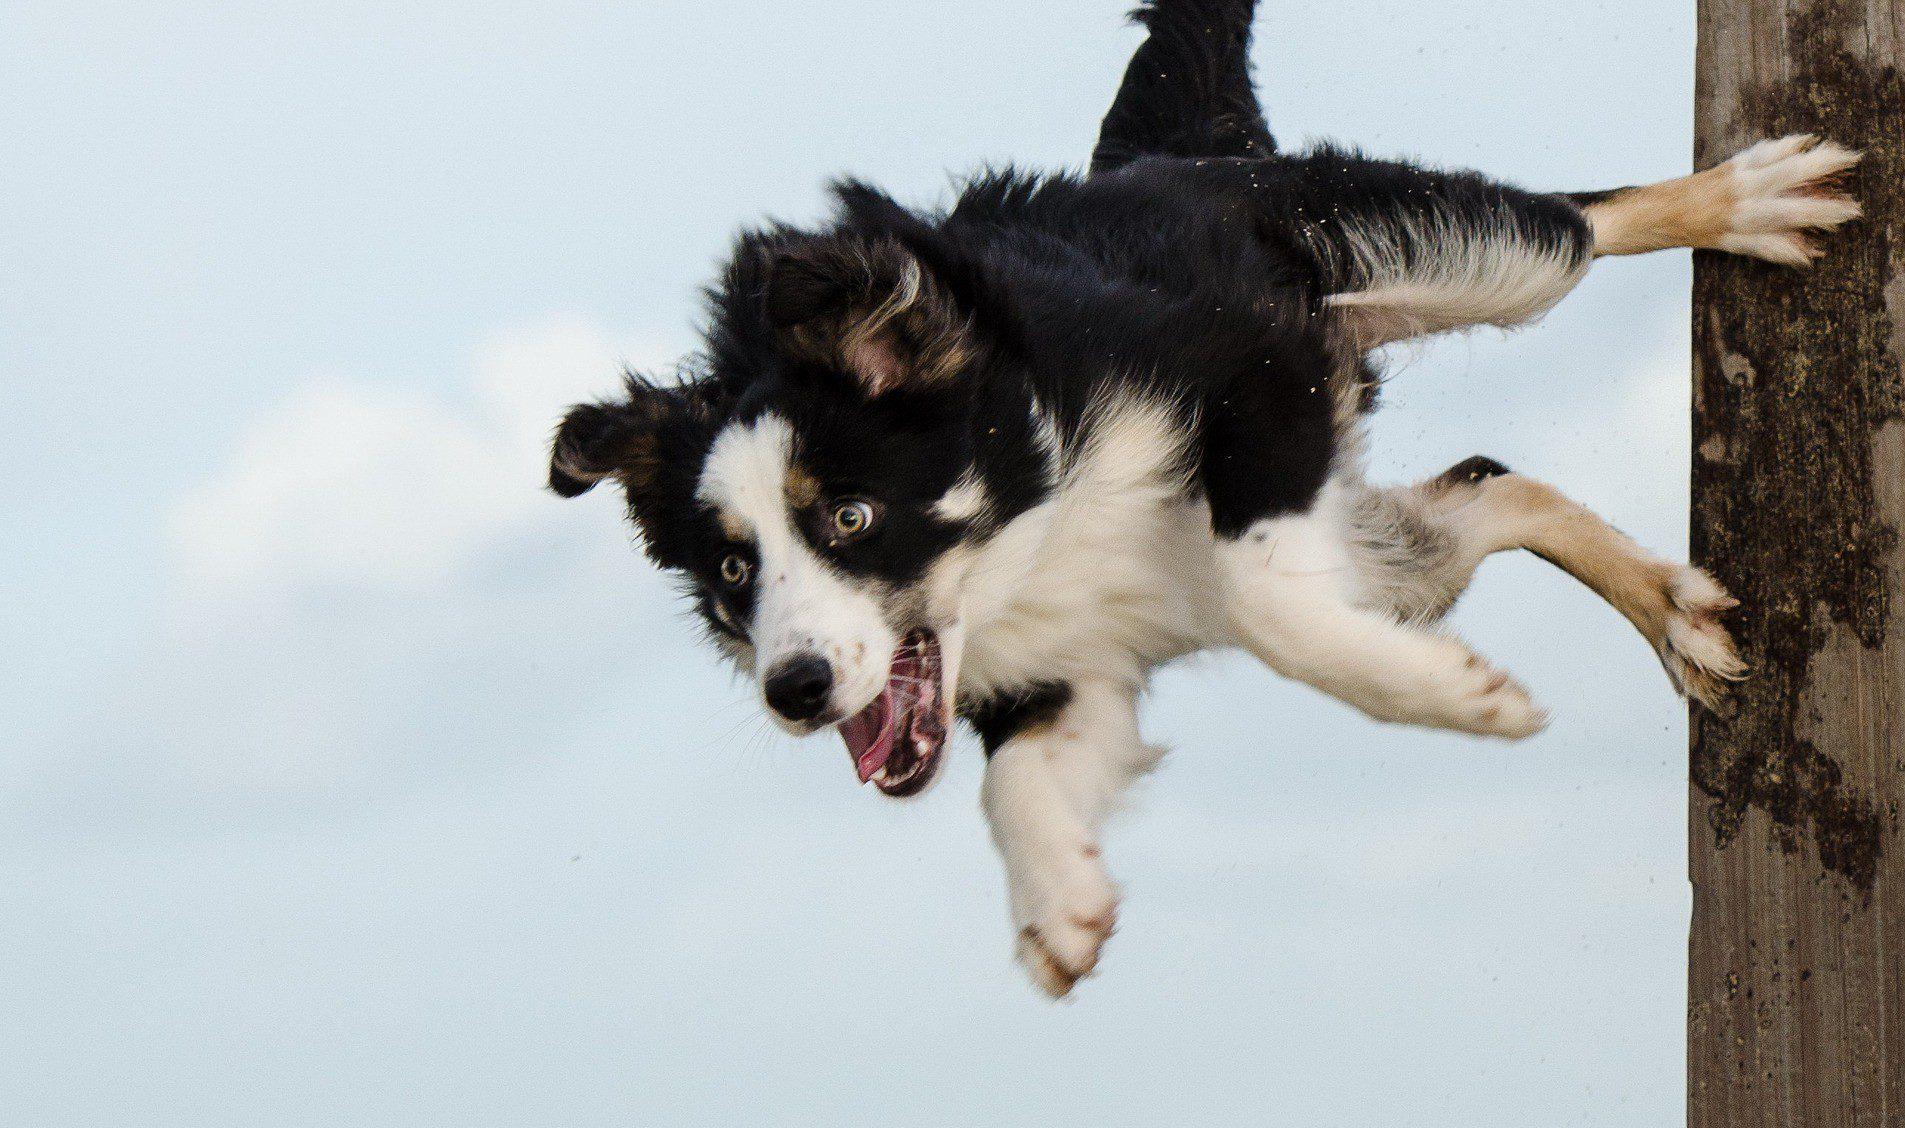 Бордер-колли в прыжке.